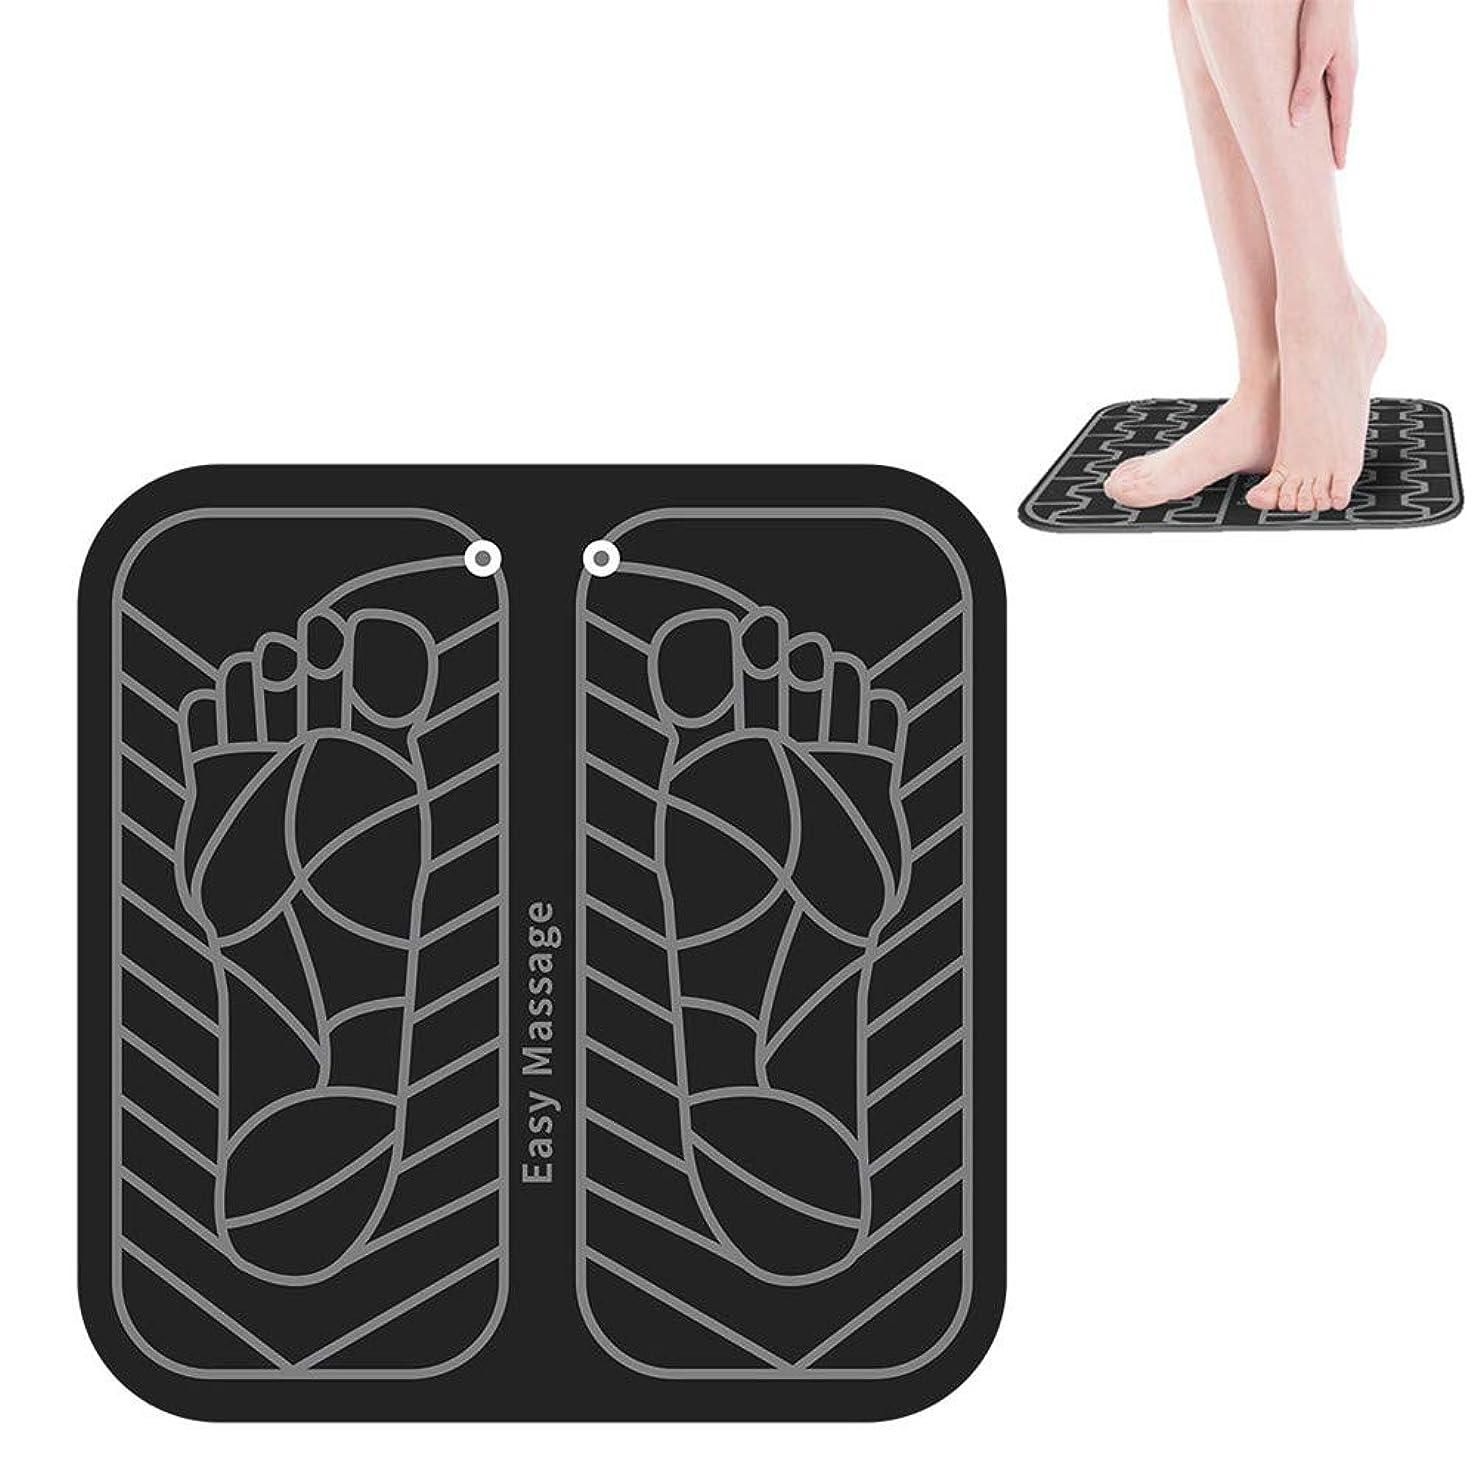 水差しキャメルティーンエイジャーEMSインテリジェントフットマッサージャーは、リモートコントロール血液循環筋肉の痛みを軽減を促進するための電気フットマッサージパッドパルス